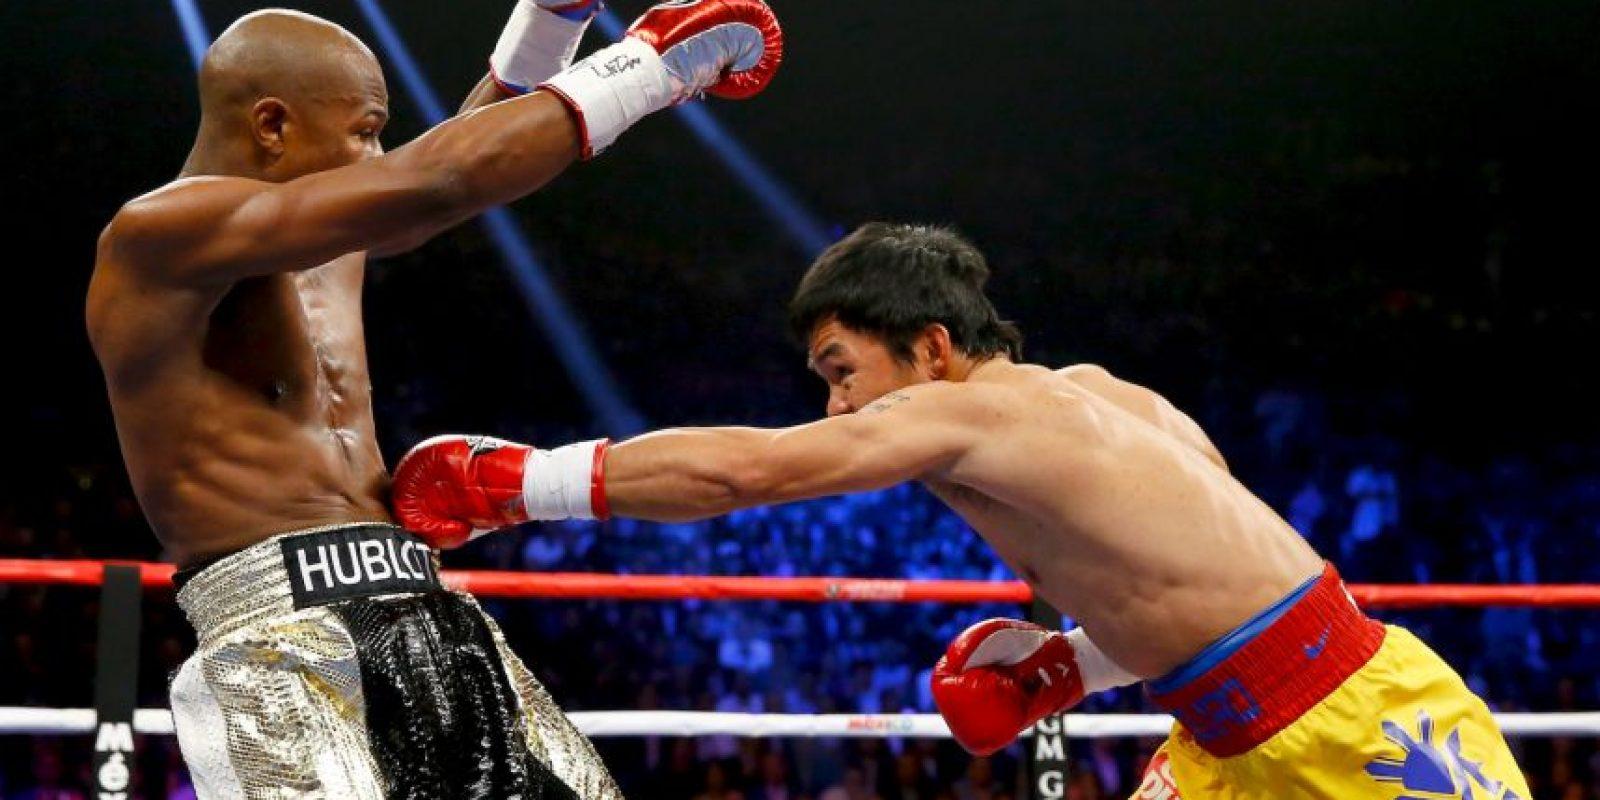 """Mayweather: """"Todas las (peleas) las quiero ganar, quiero ganar siempre. Manny es un gran competidor, un gran campeón"""". Foto:Getty Images"""